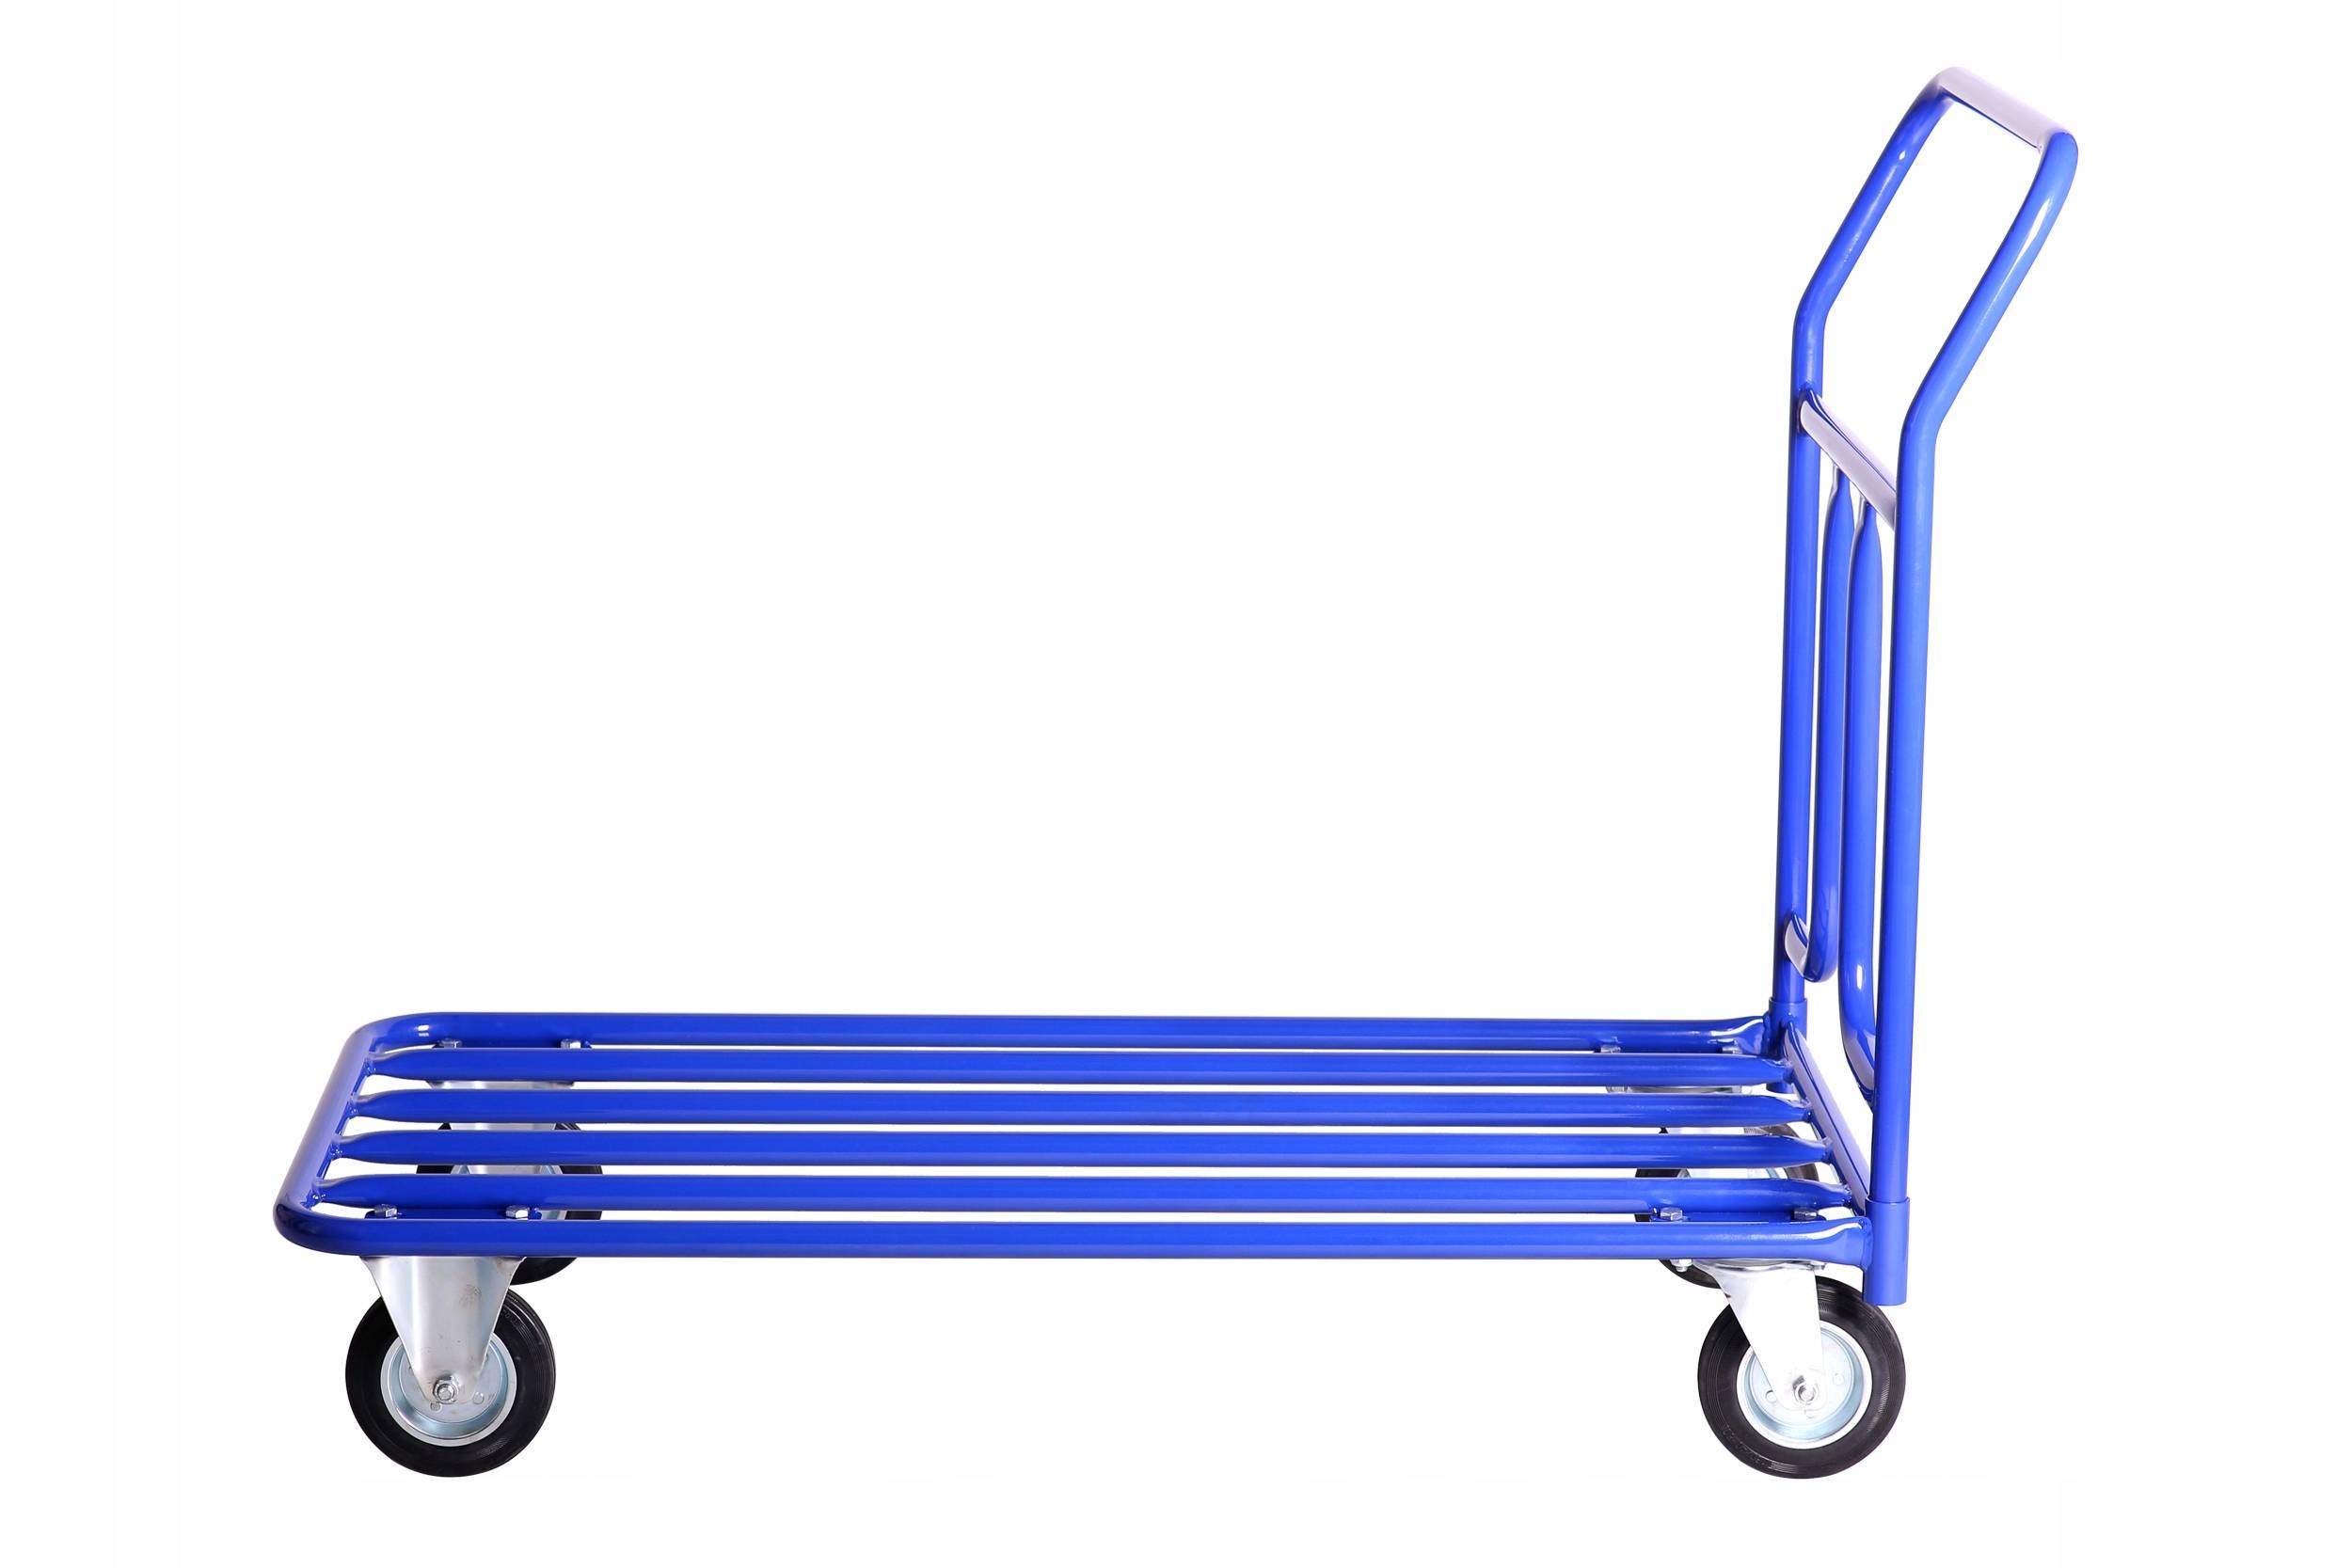 Усиленные платформенные тележки, купить платформенную тележку в санкт-петербурге